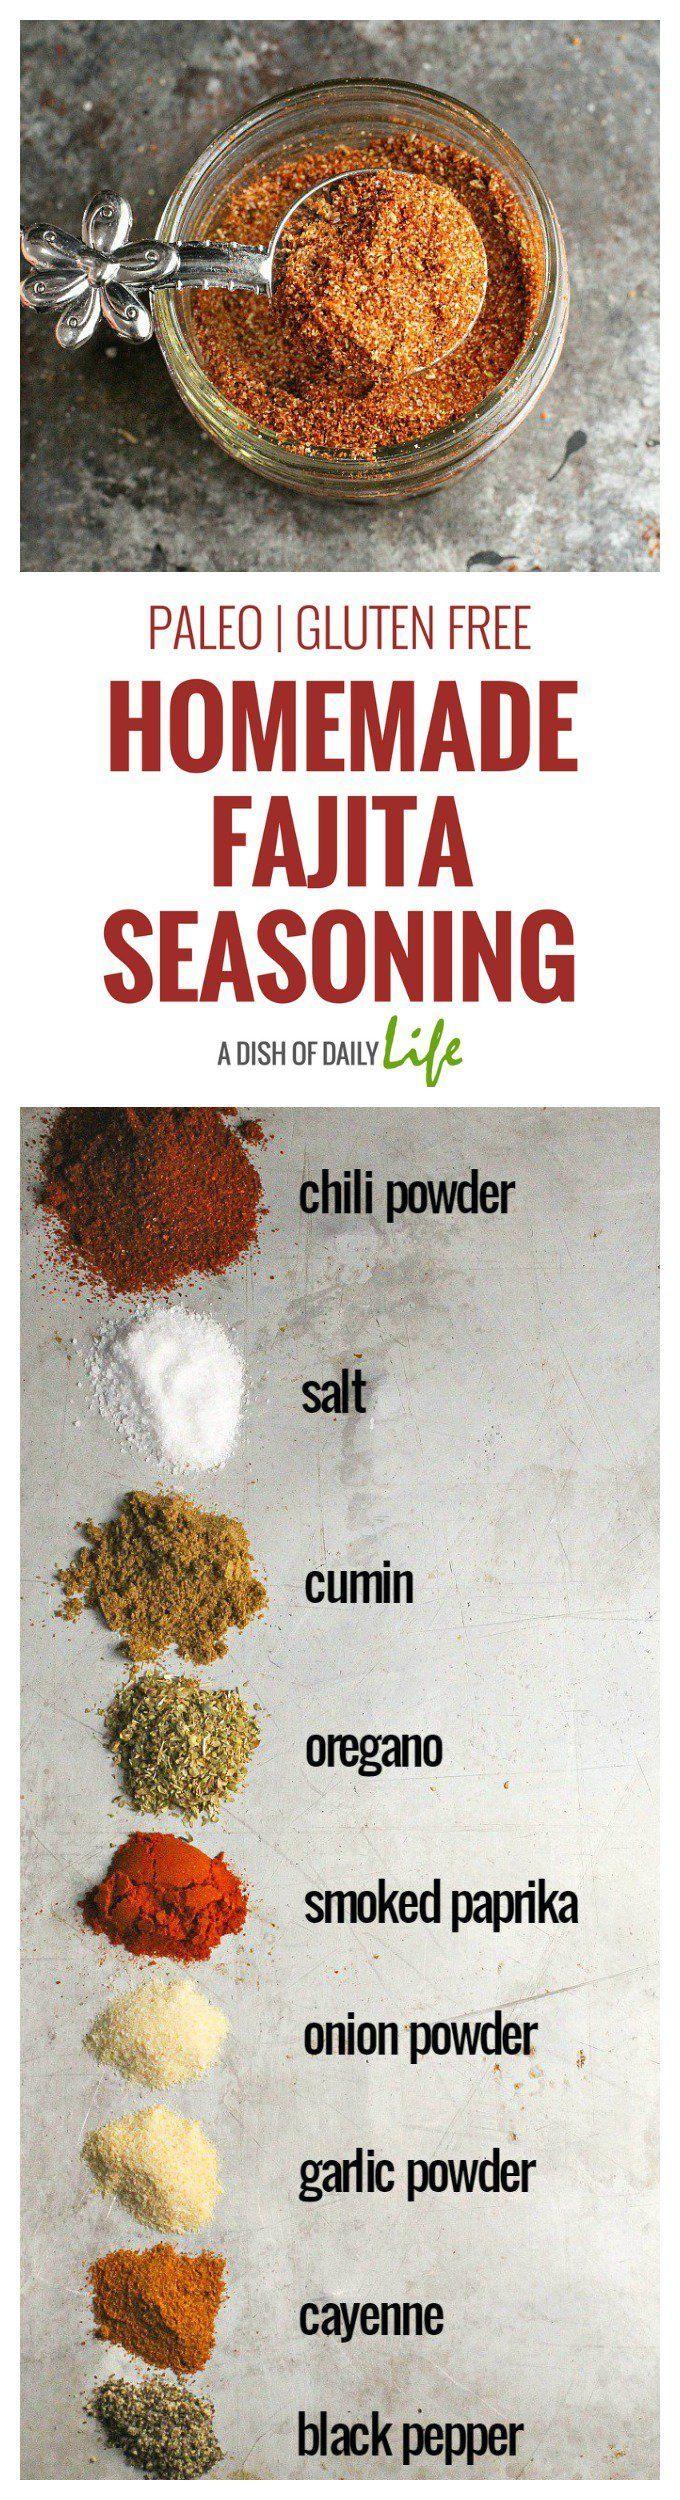 Paleo-Gluten-Free-Homemade-Fajita-Seasoning-image.jpg (680×2500)